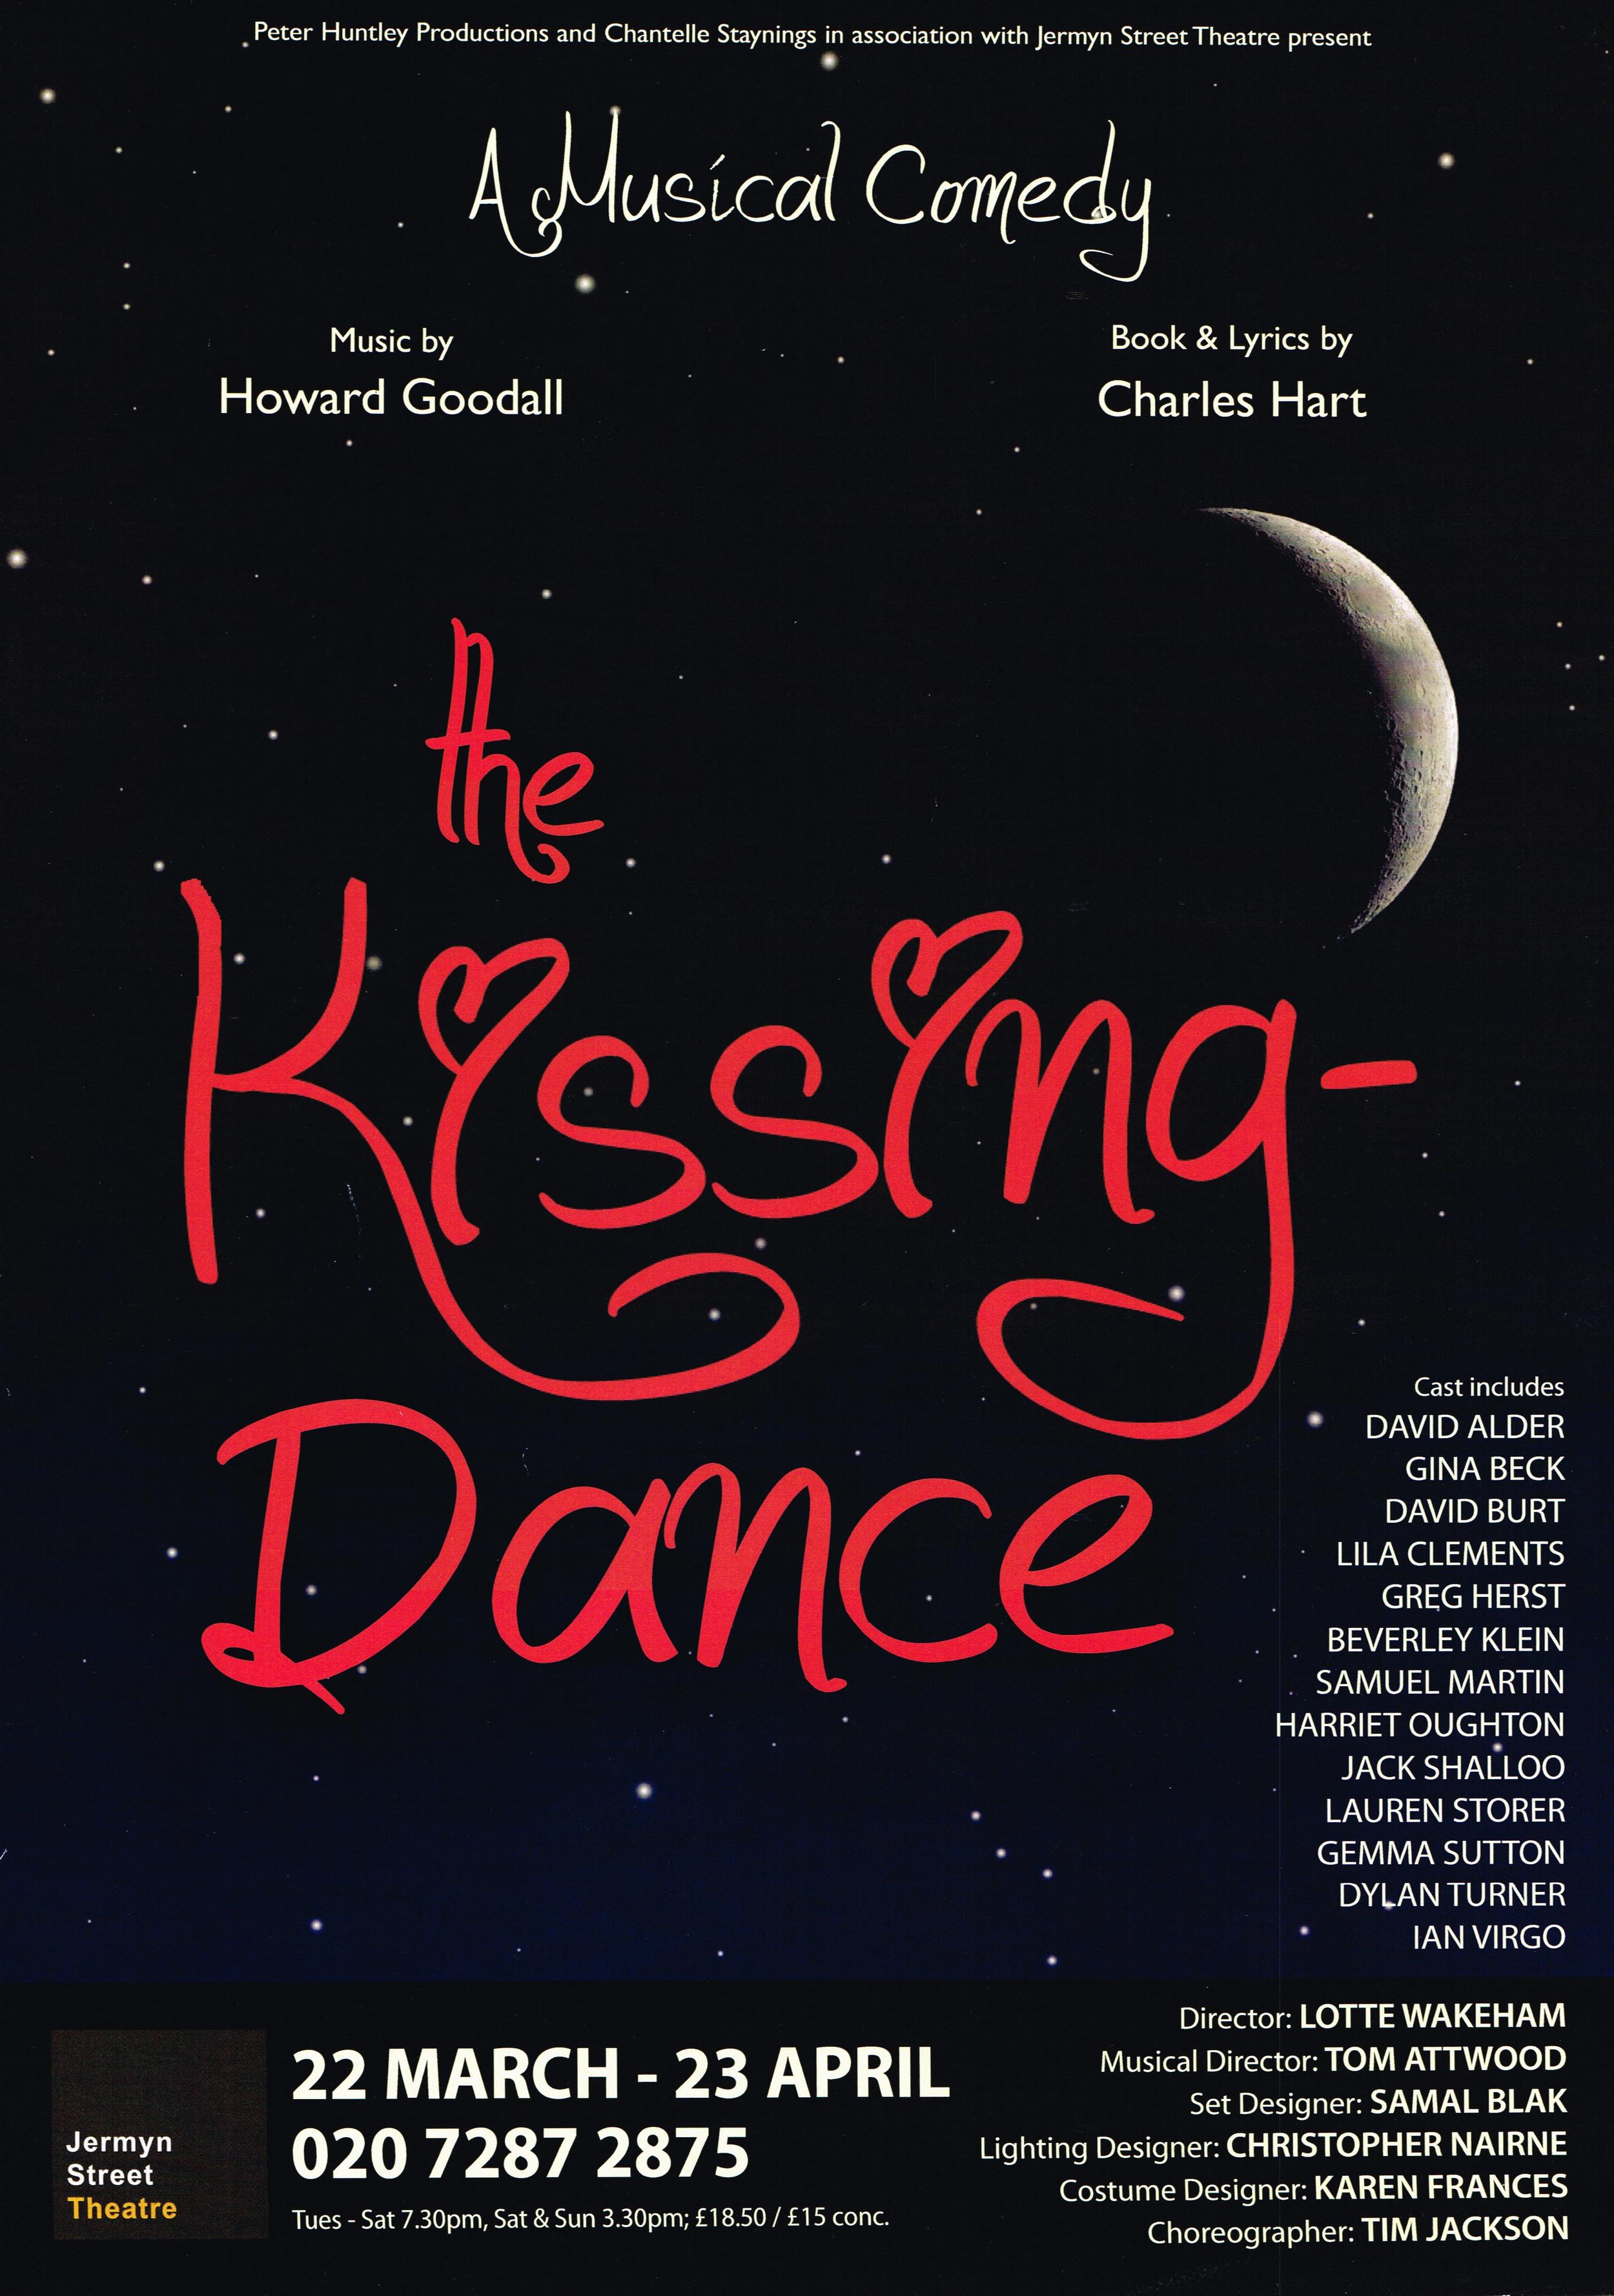 The Kissing-Dance.jpg